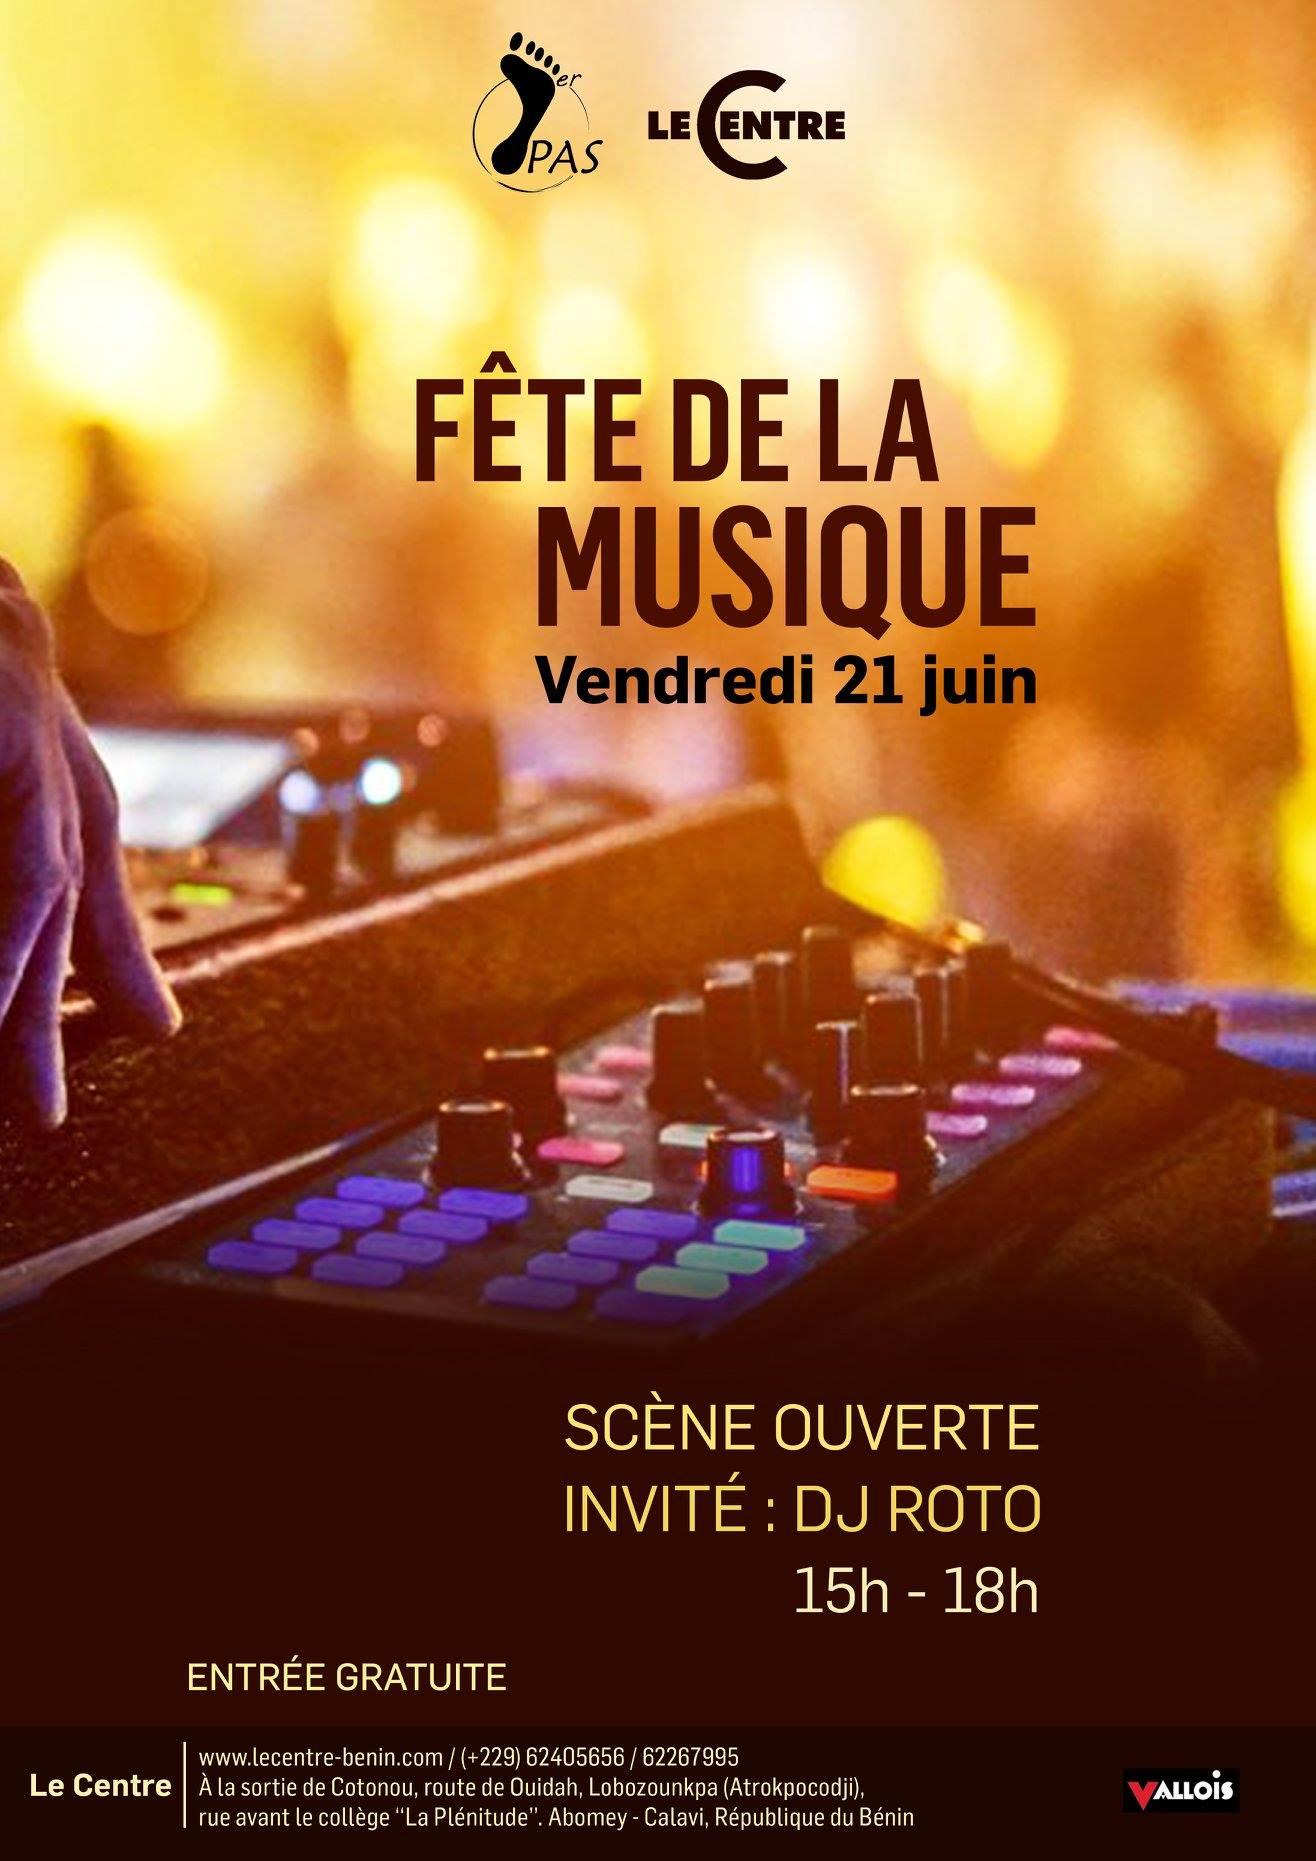 Fête de la musique 2019, Open mic avec DJ Roto